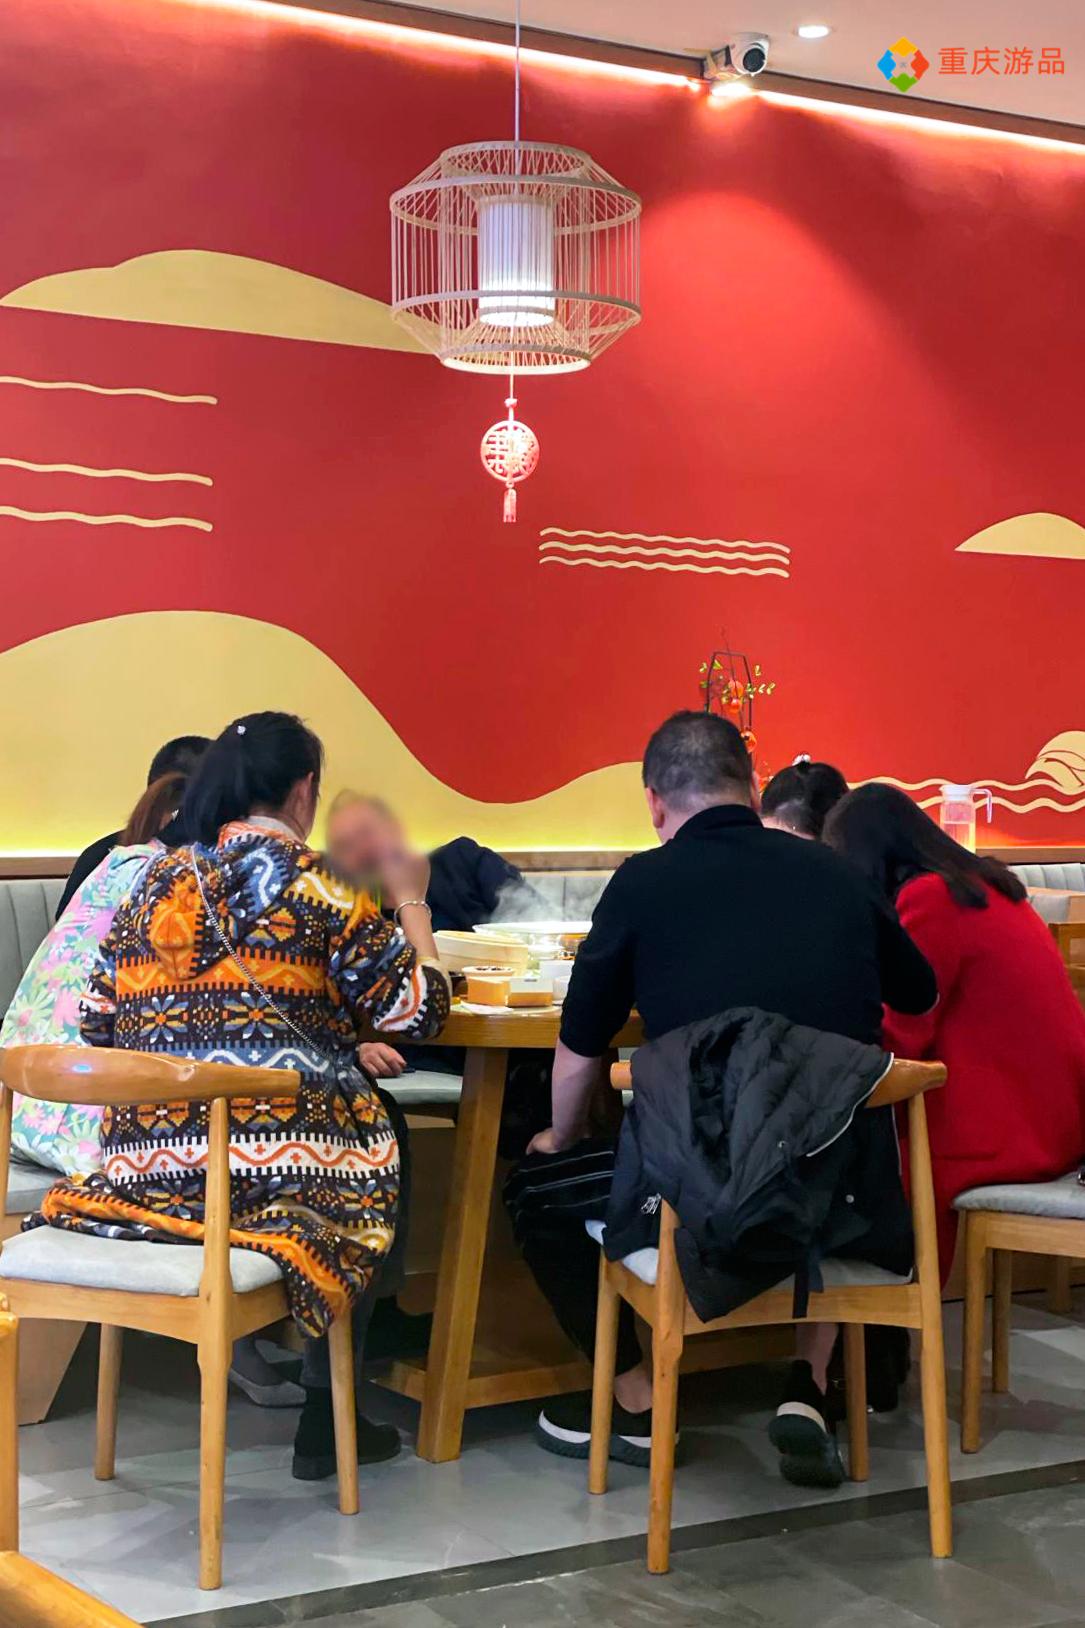 在重庆吃北京烤鸭,截然不同的做法,让广州的朋友大呼过瘾